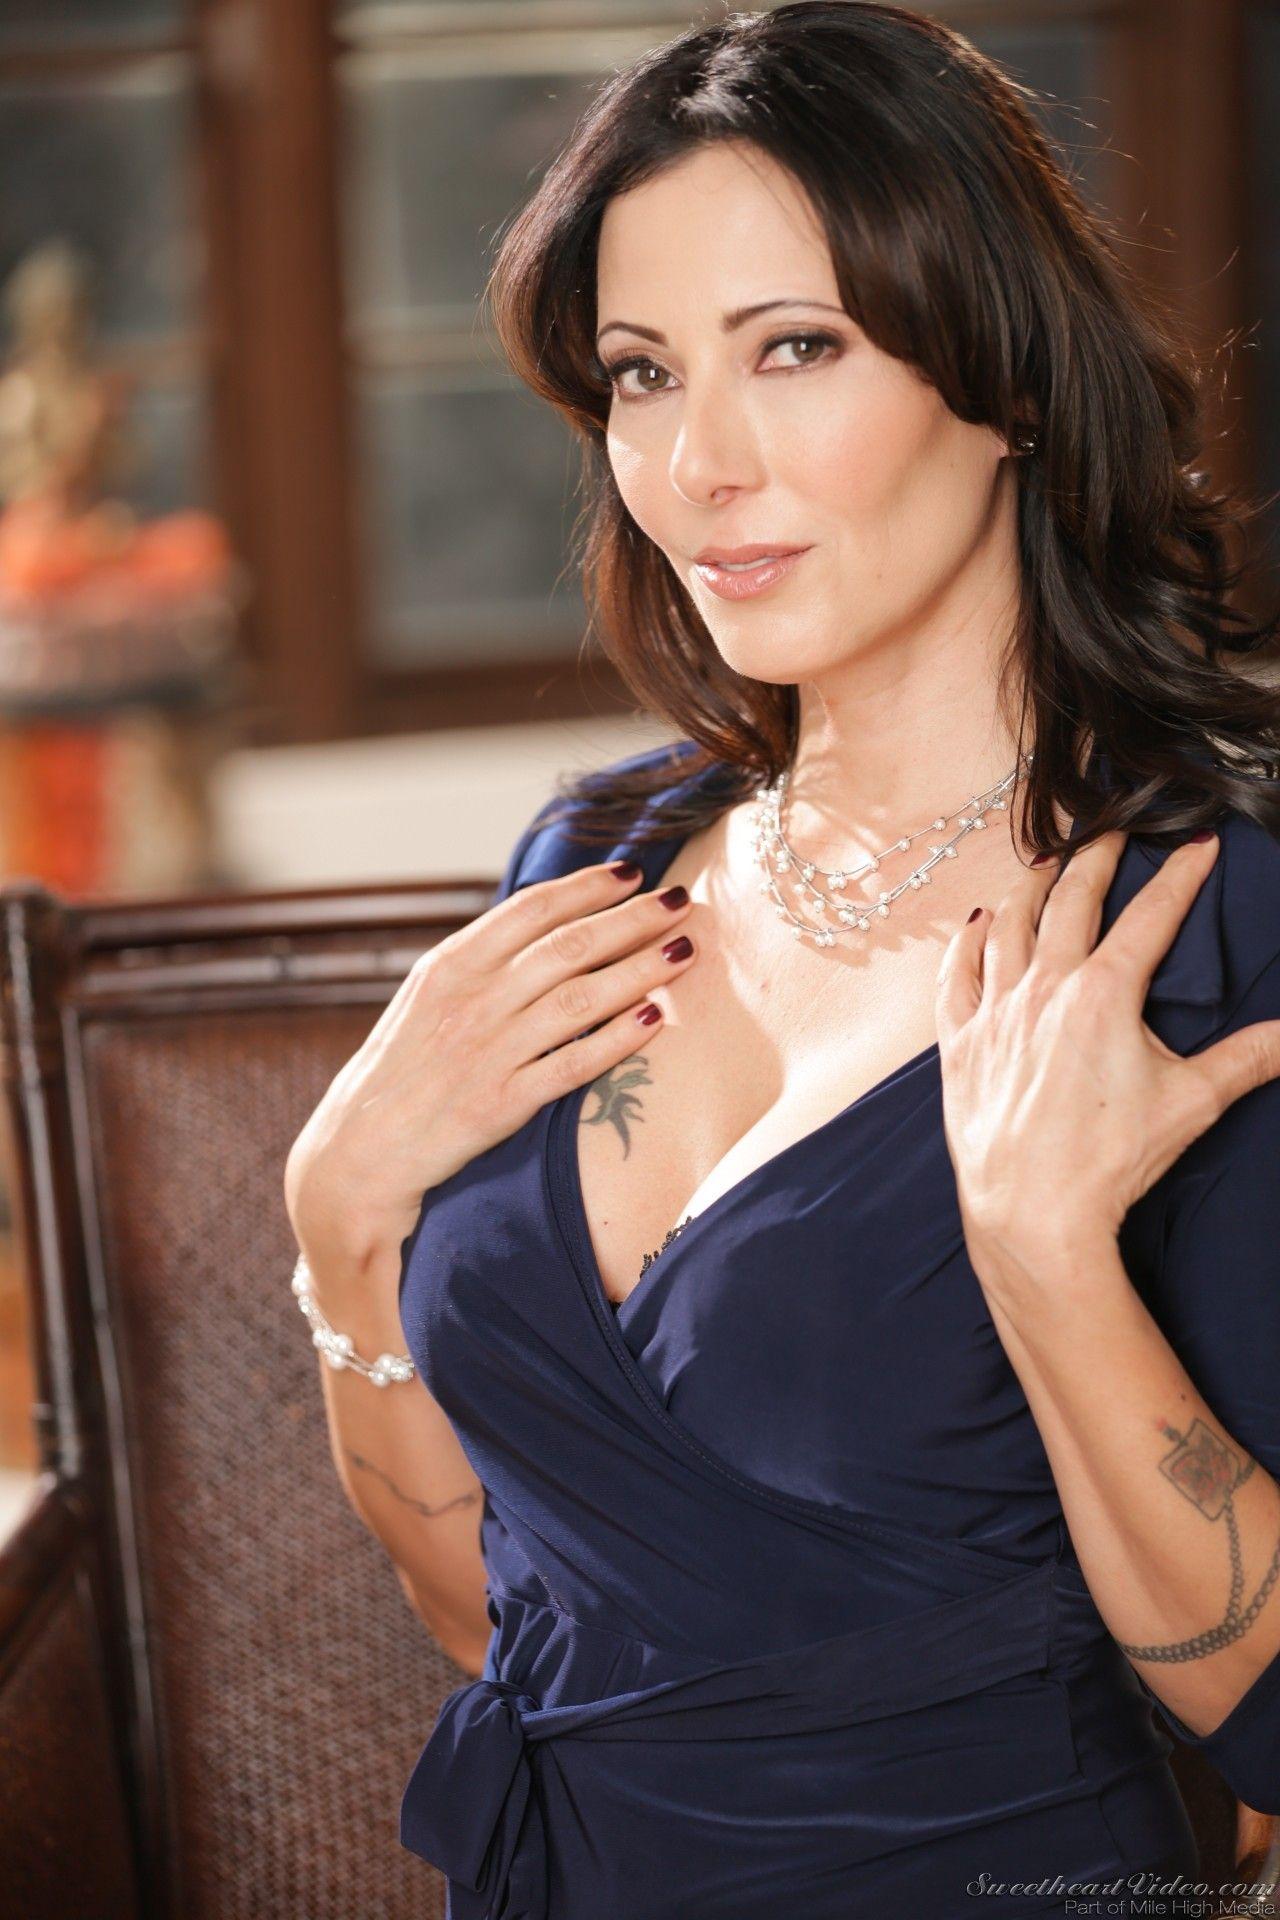 Zoey Holloway - Pornokönig - Porno, Kostenlose Pornos